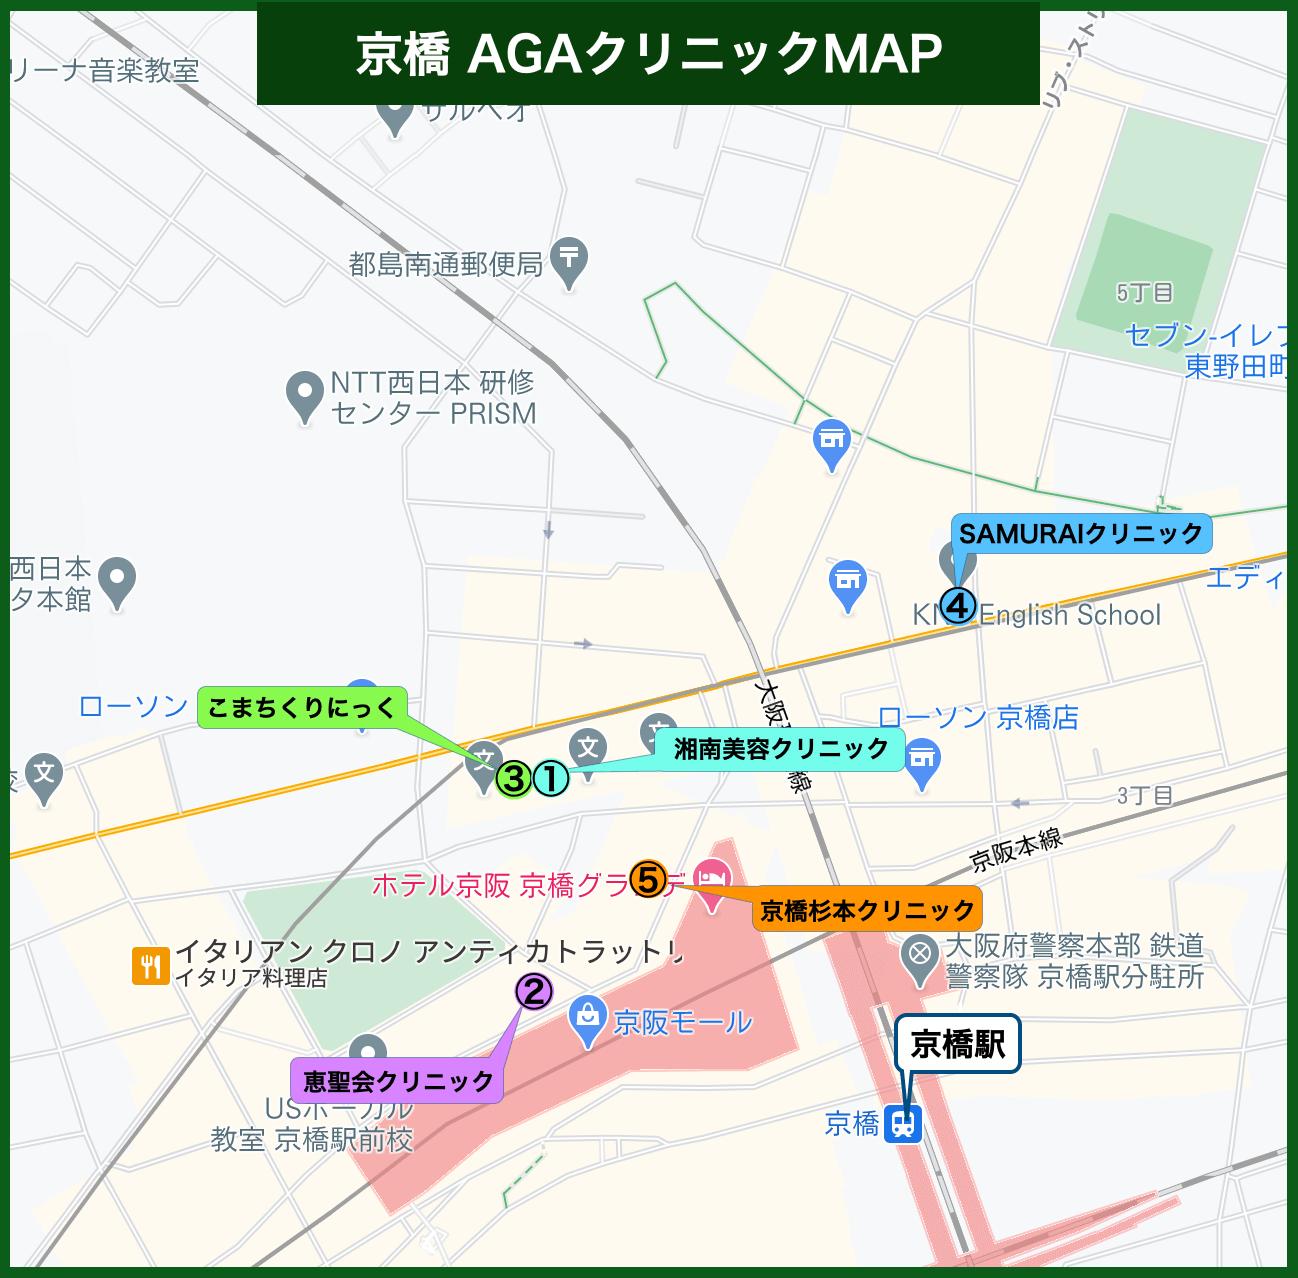 京橋 AGAクリニックMAP